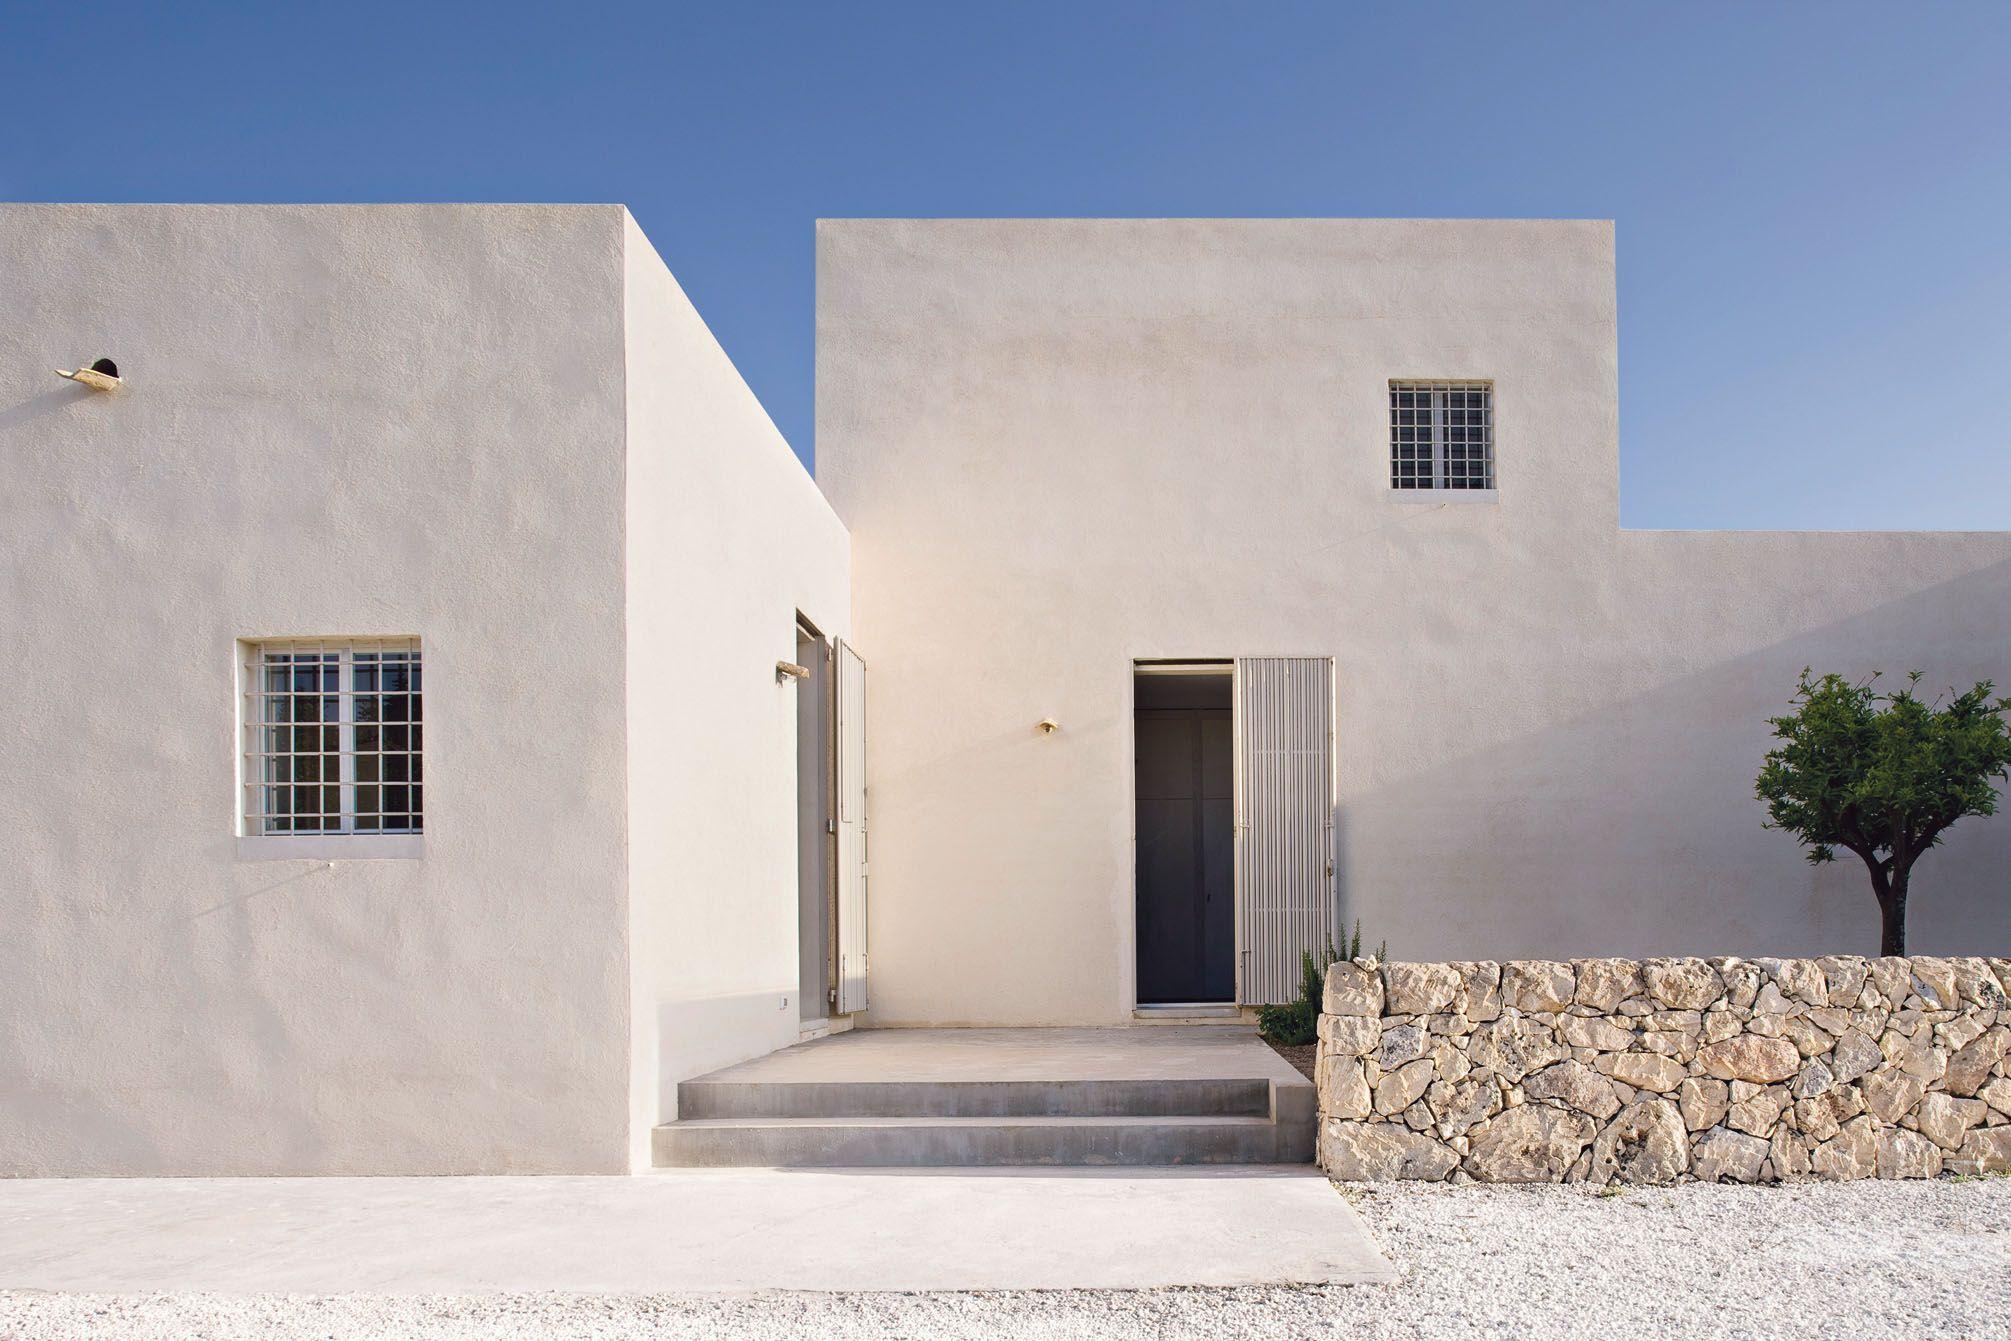 Masseria vendicari nel 2019 architettura minimalista for Architettura interni case